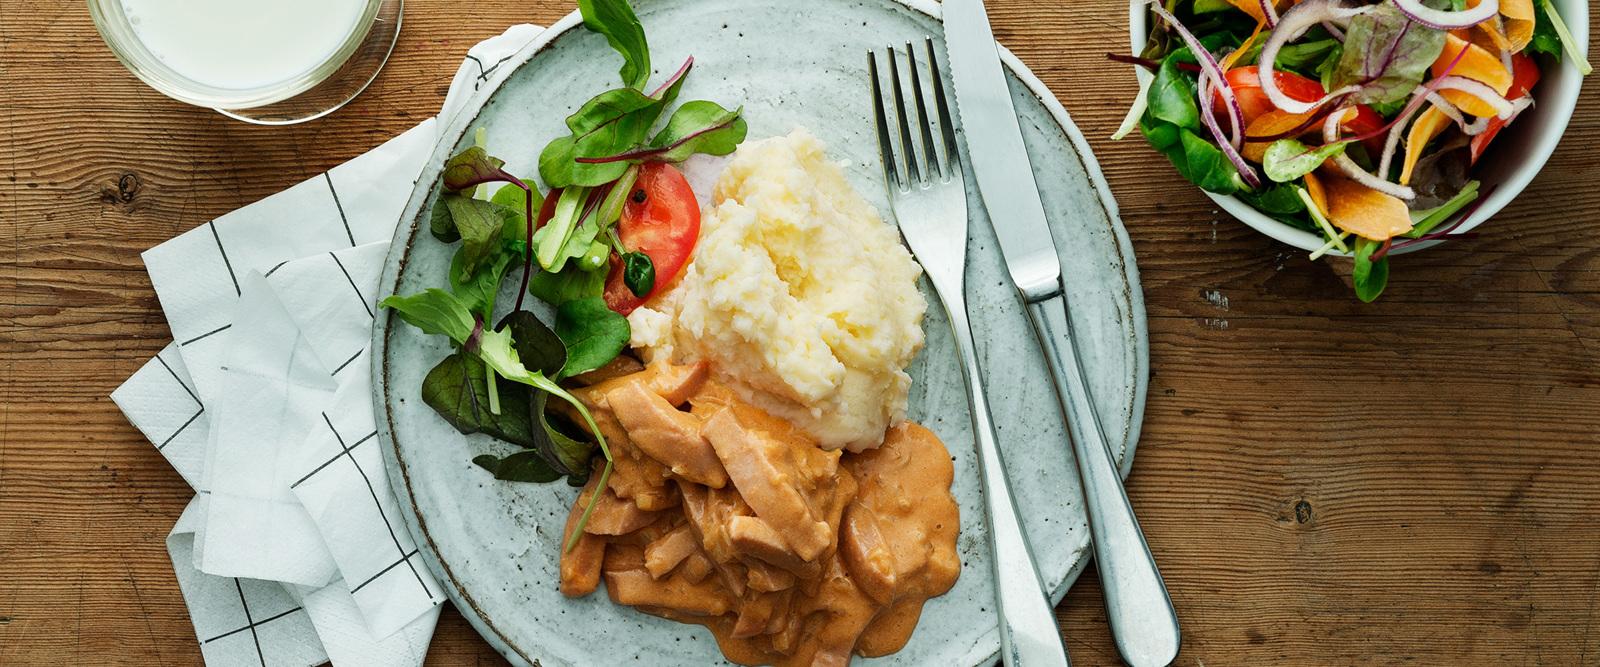 Snabba middagar med korv - Recept - Tema